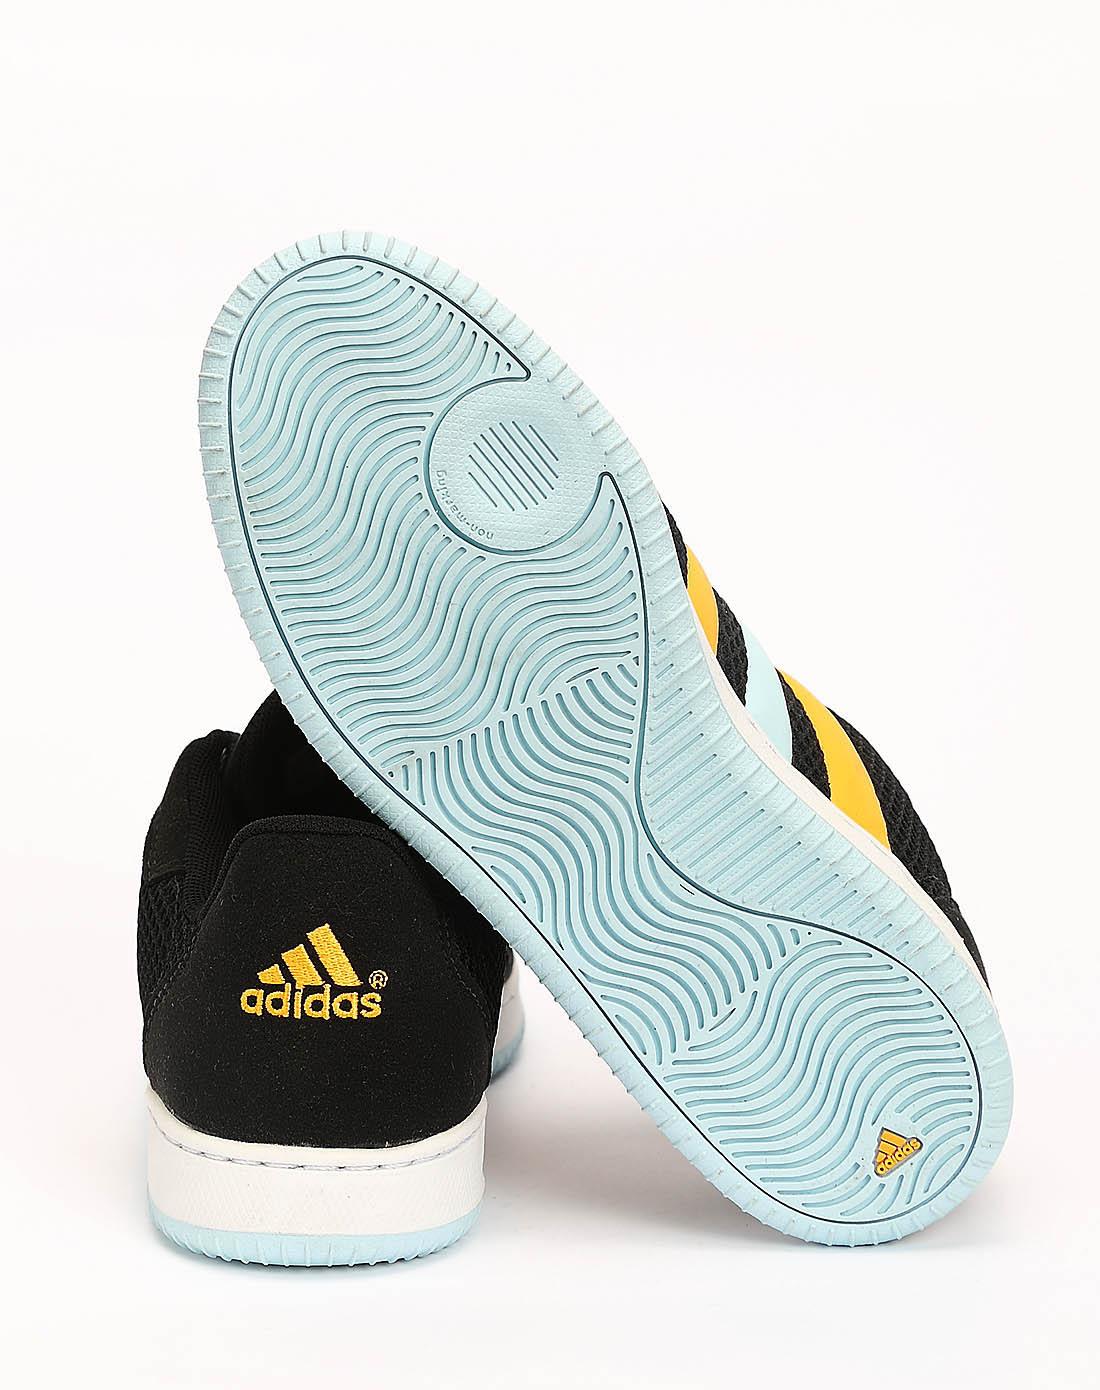 阿迪达斯adidas女子黑色篮球鞋g21229